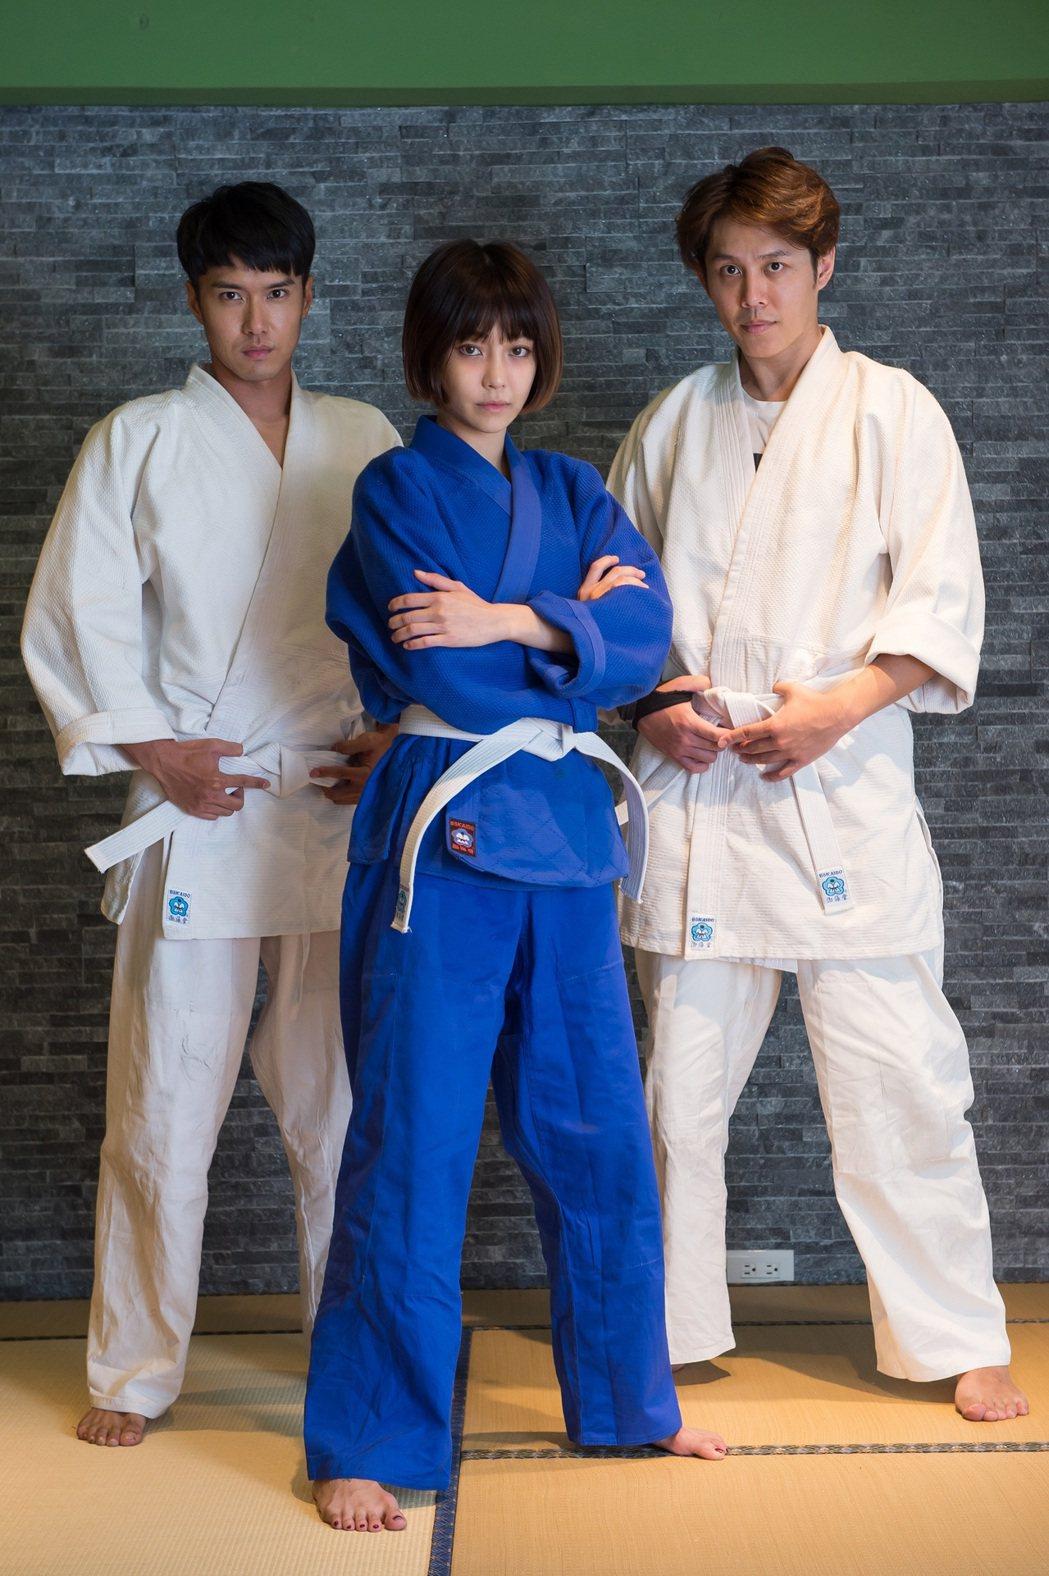 嚴浩(右起)、謝欣穎、洪浩竣為戲練柔道。圖/歐銻銻娛樂提供